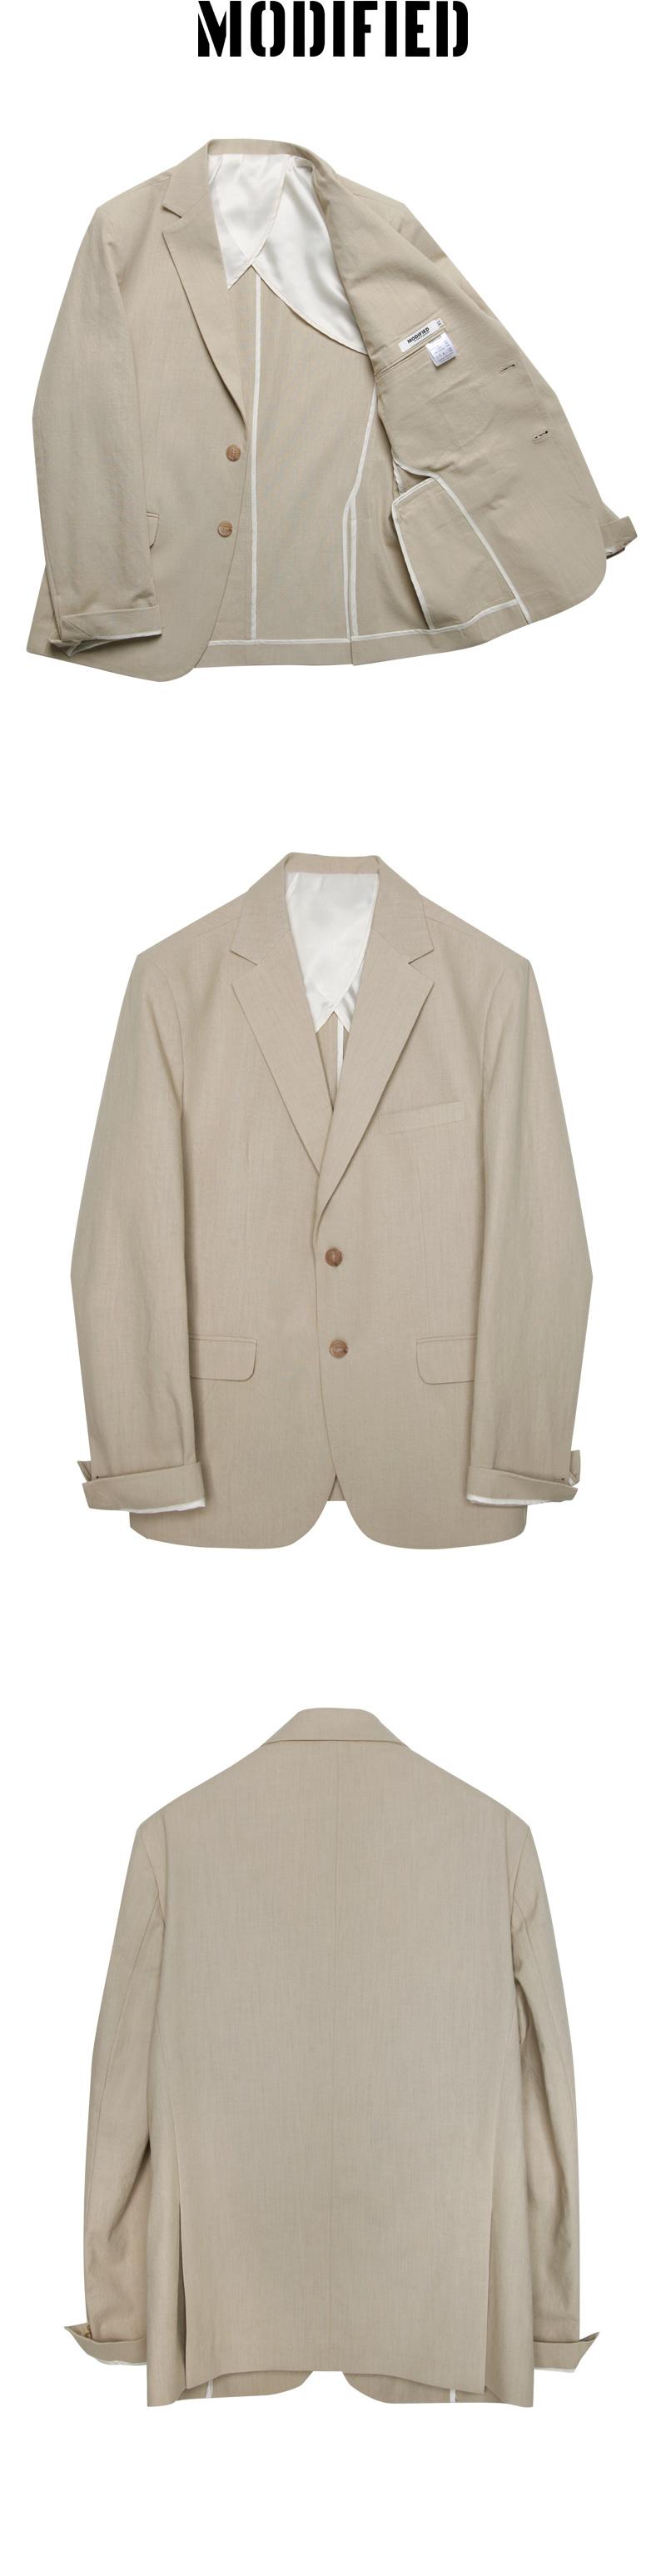 모디파이드(MODIFIED) [여름용 린넨] M#1745 summer linen suit (beige)